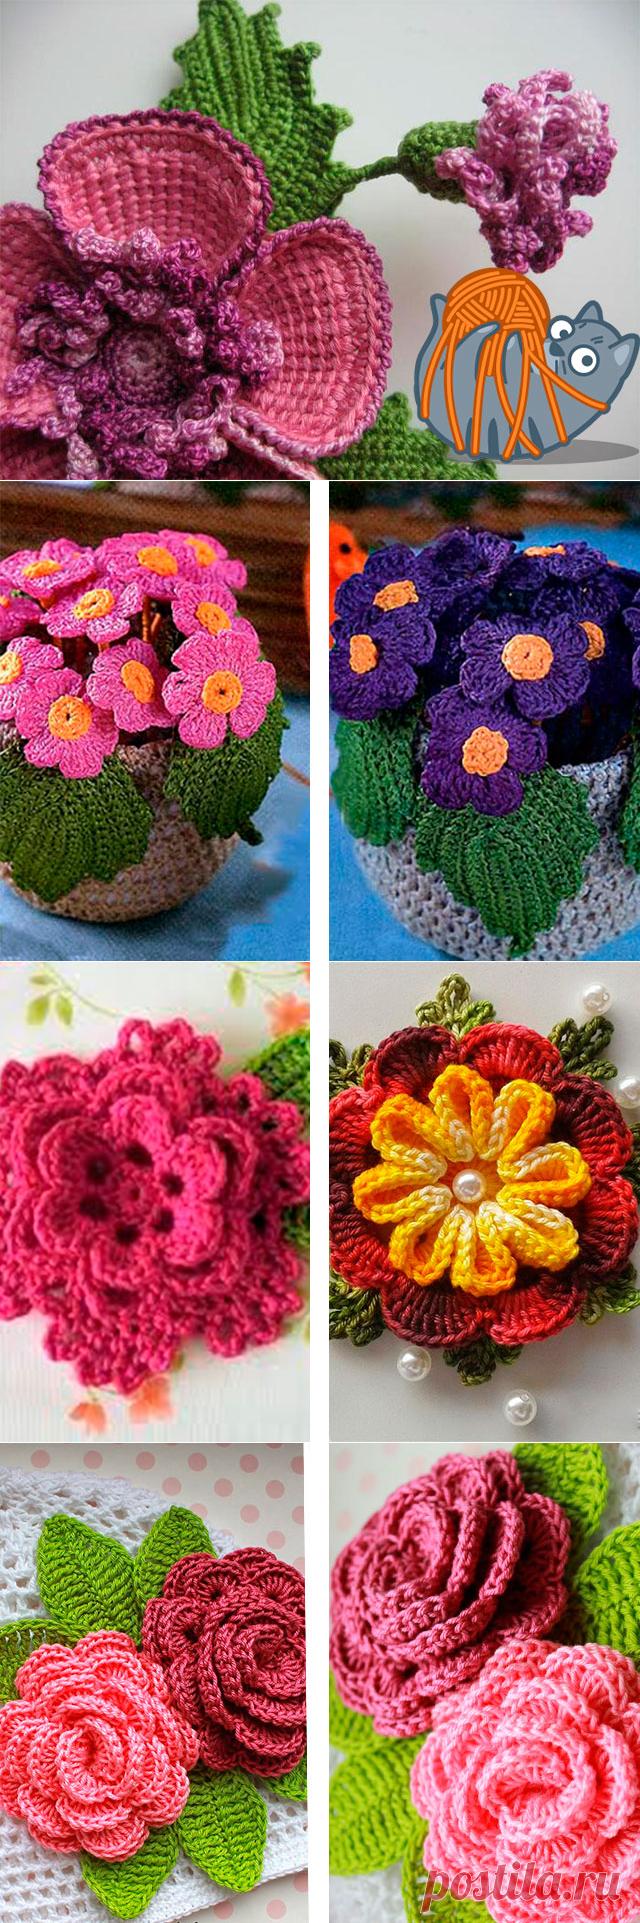 Вязаные цветы крючком схемы для начинающих - вязание цветов с описанием